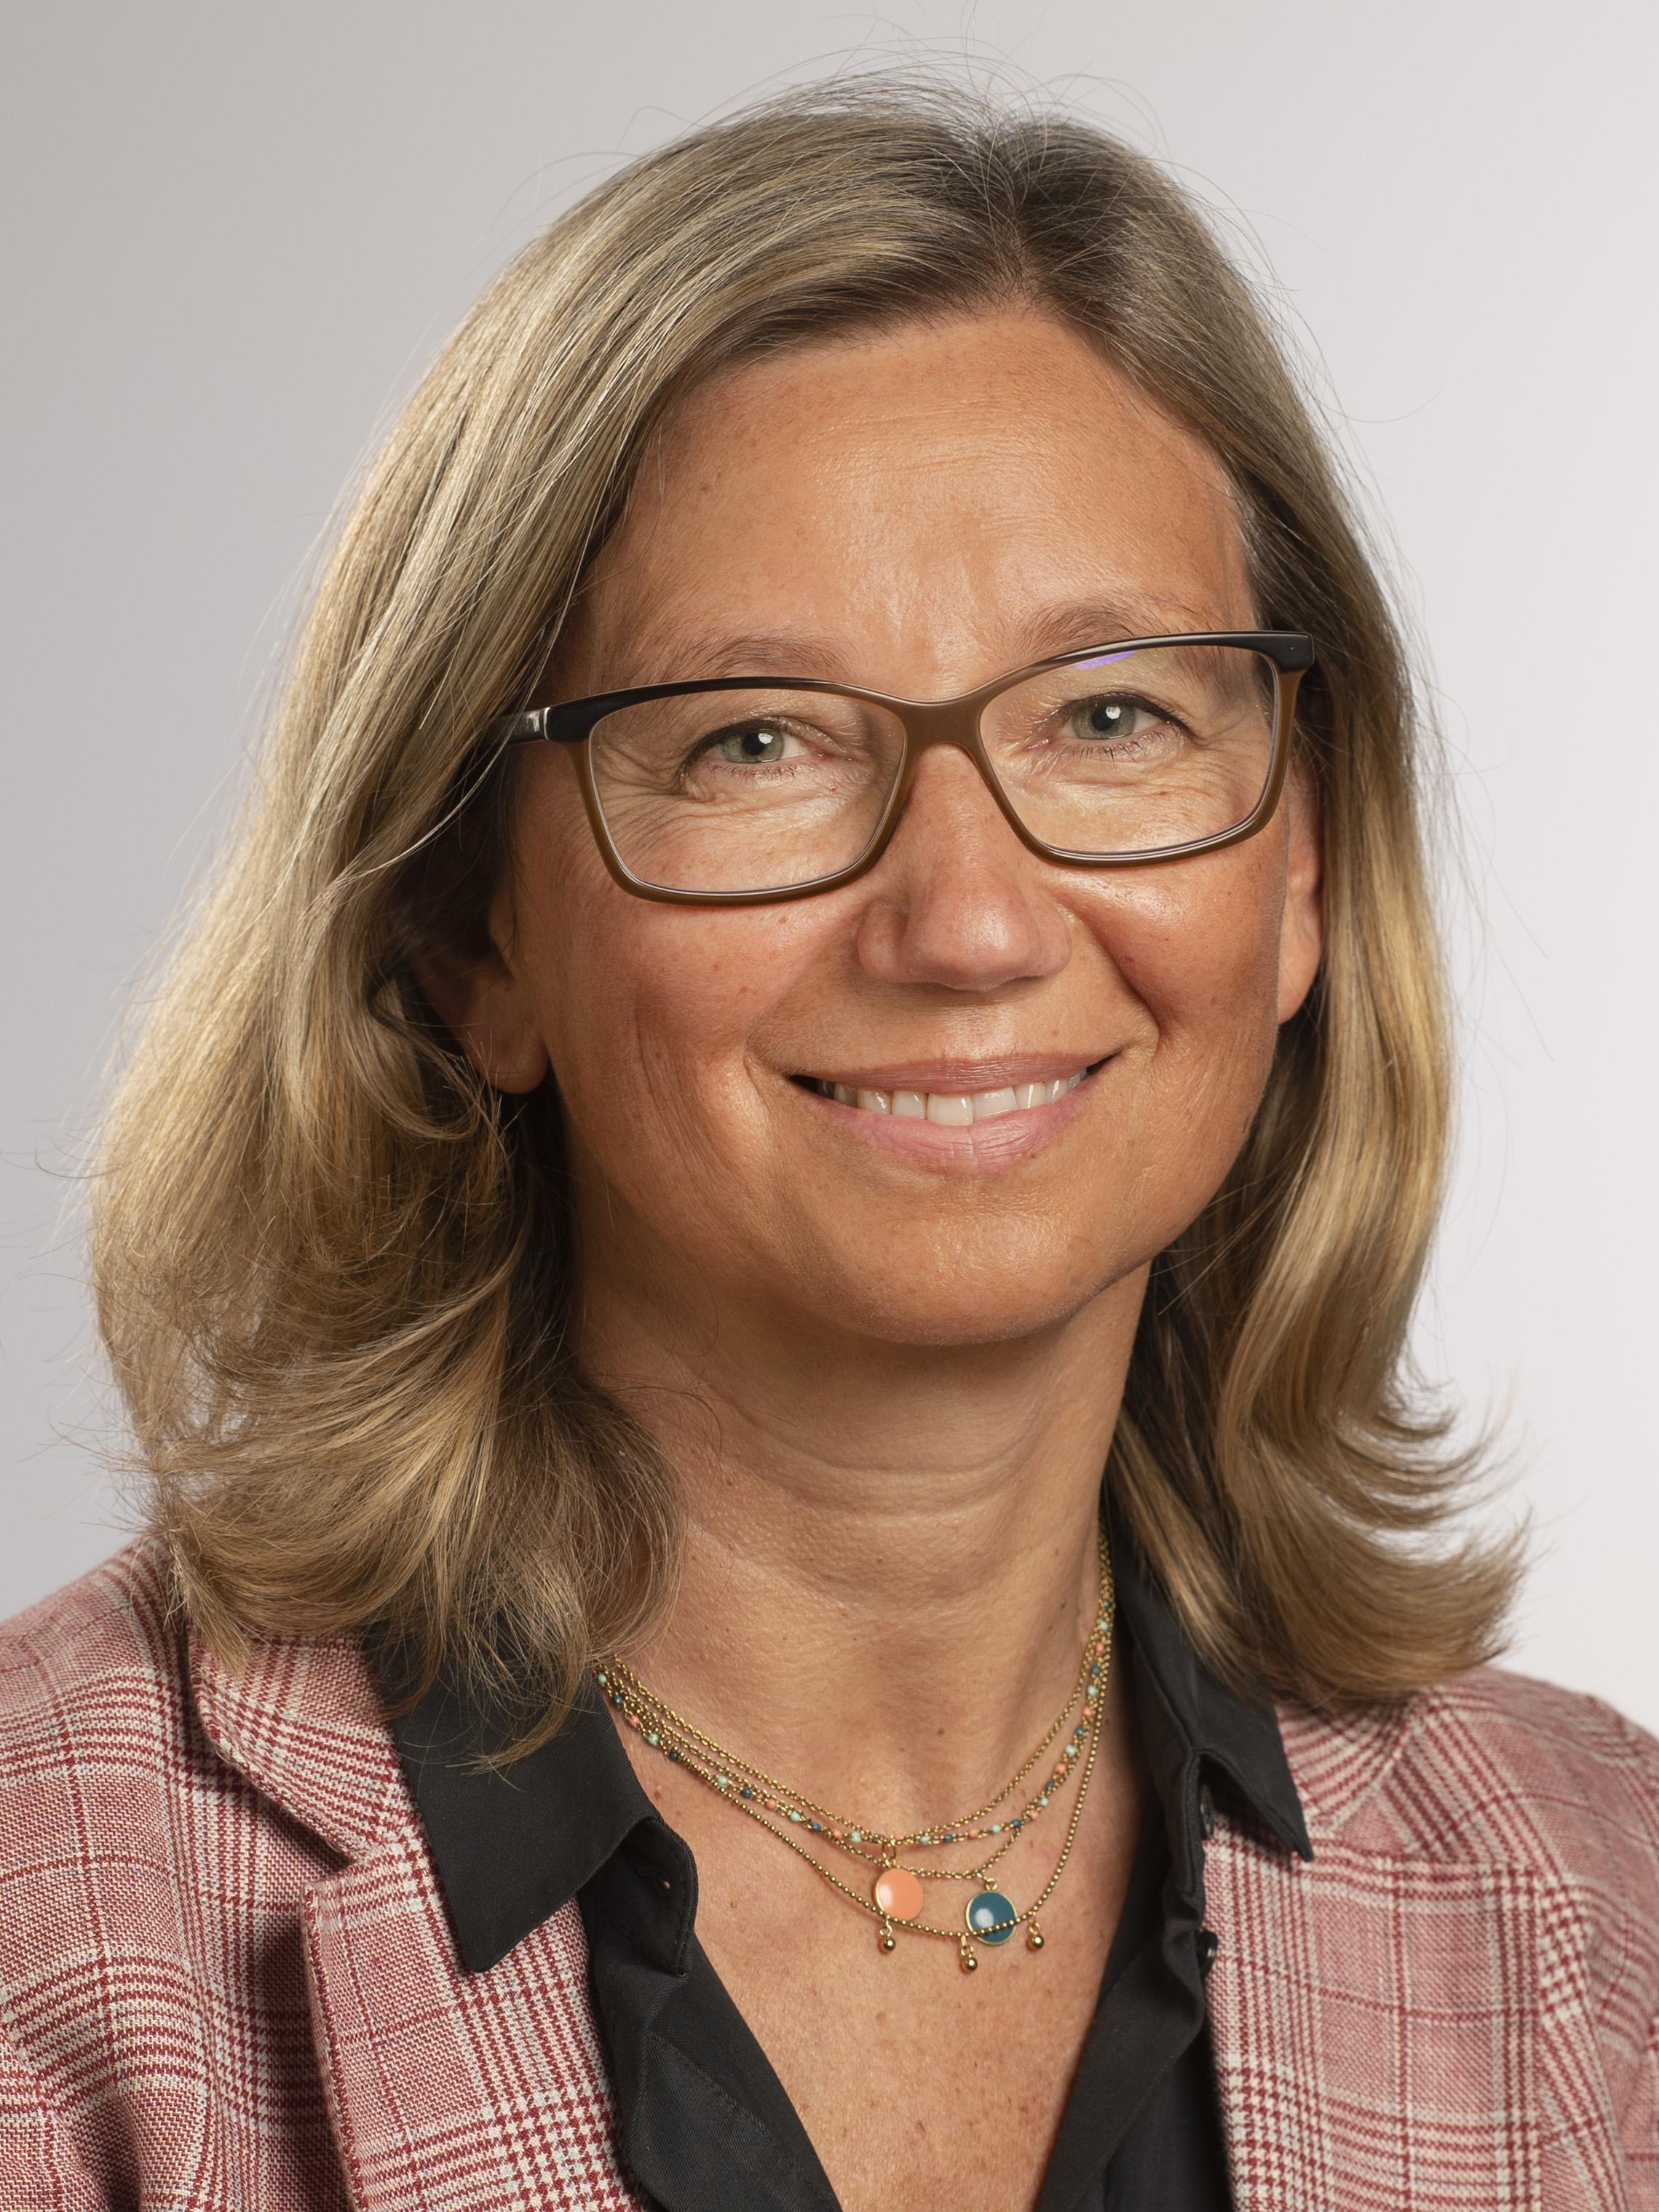 Prof. Clarisse Dromain